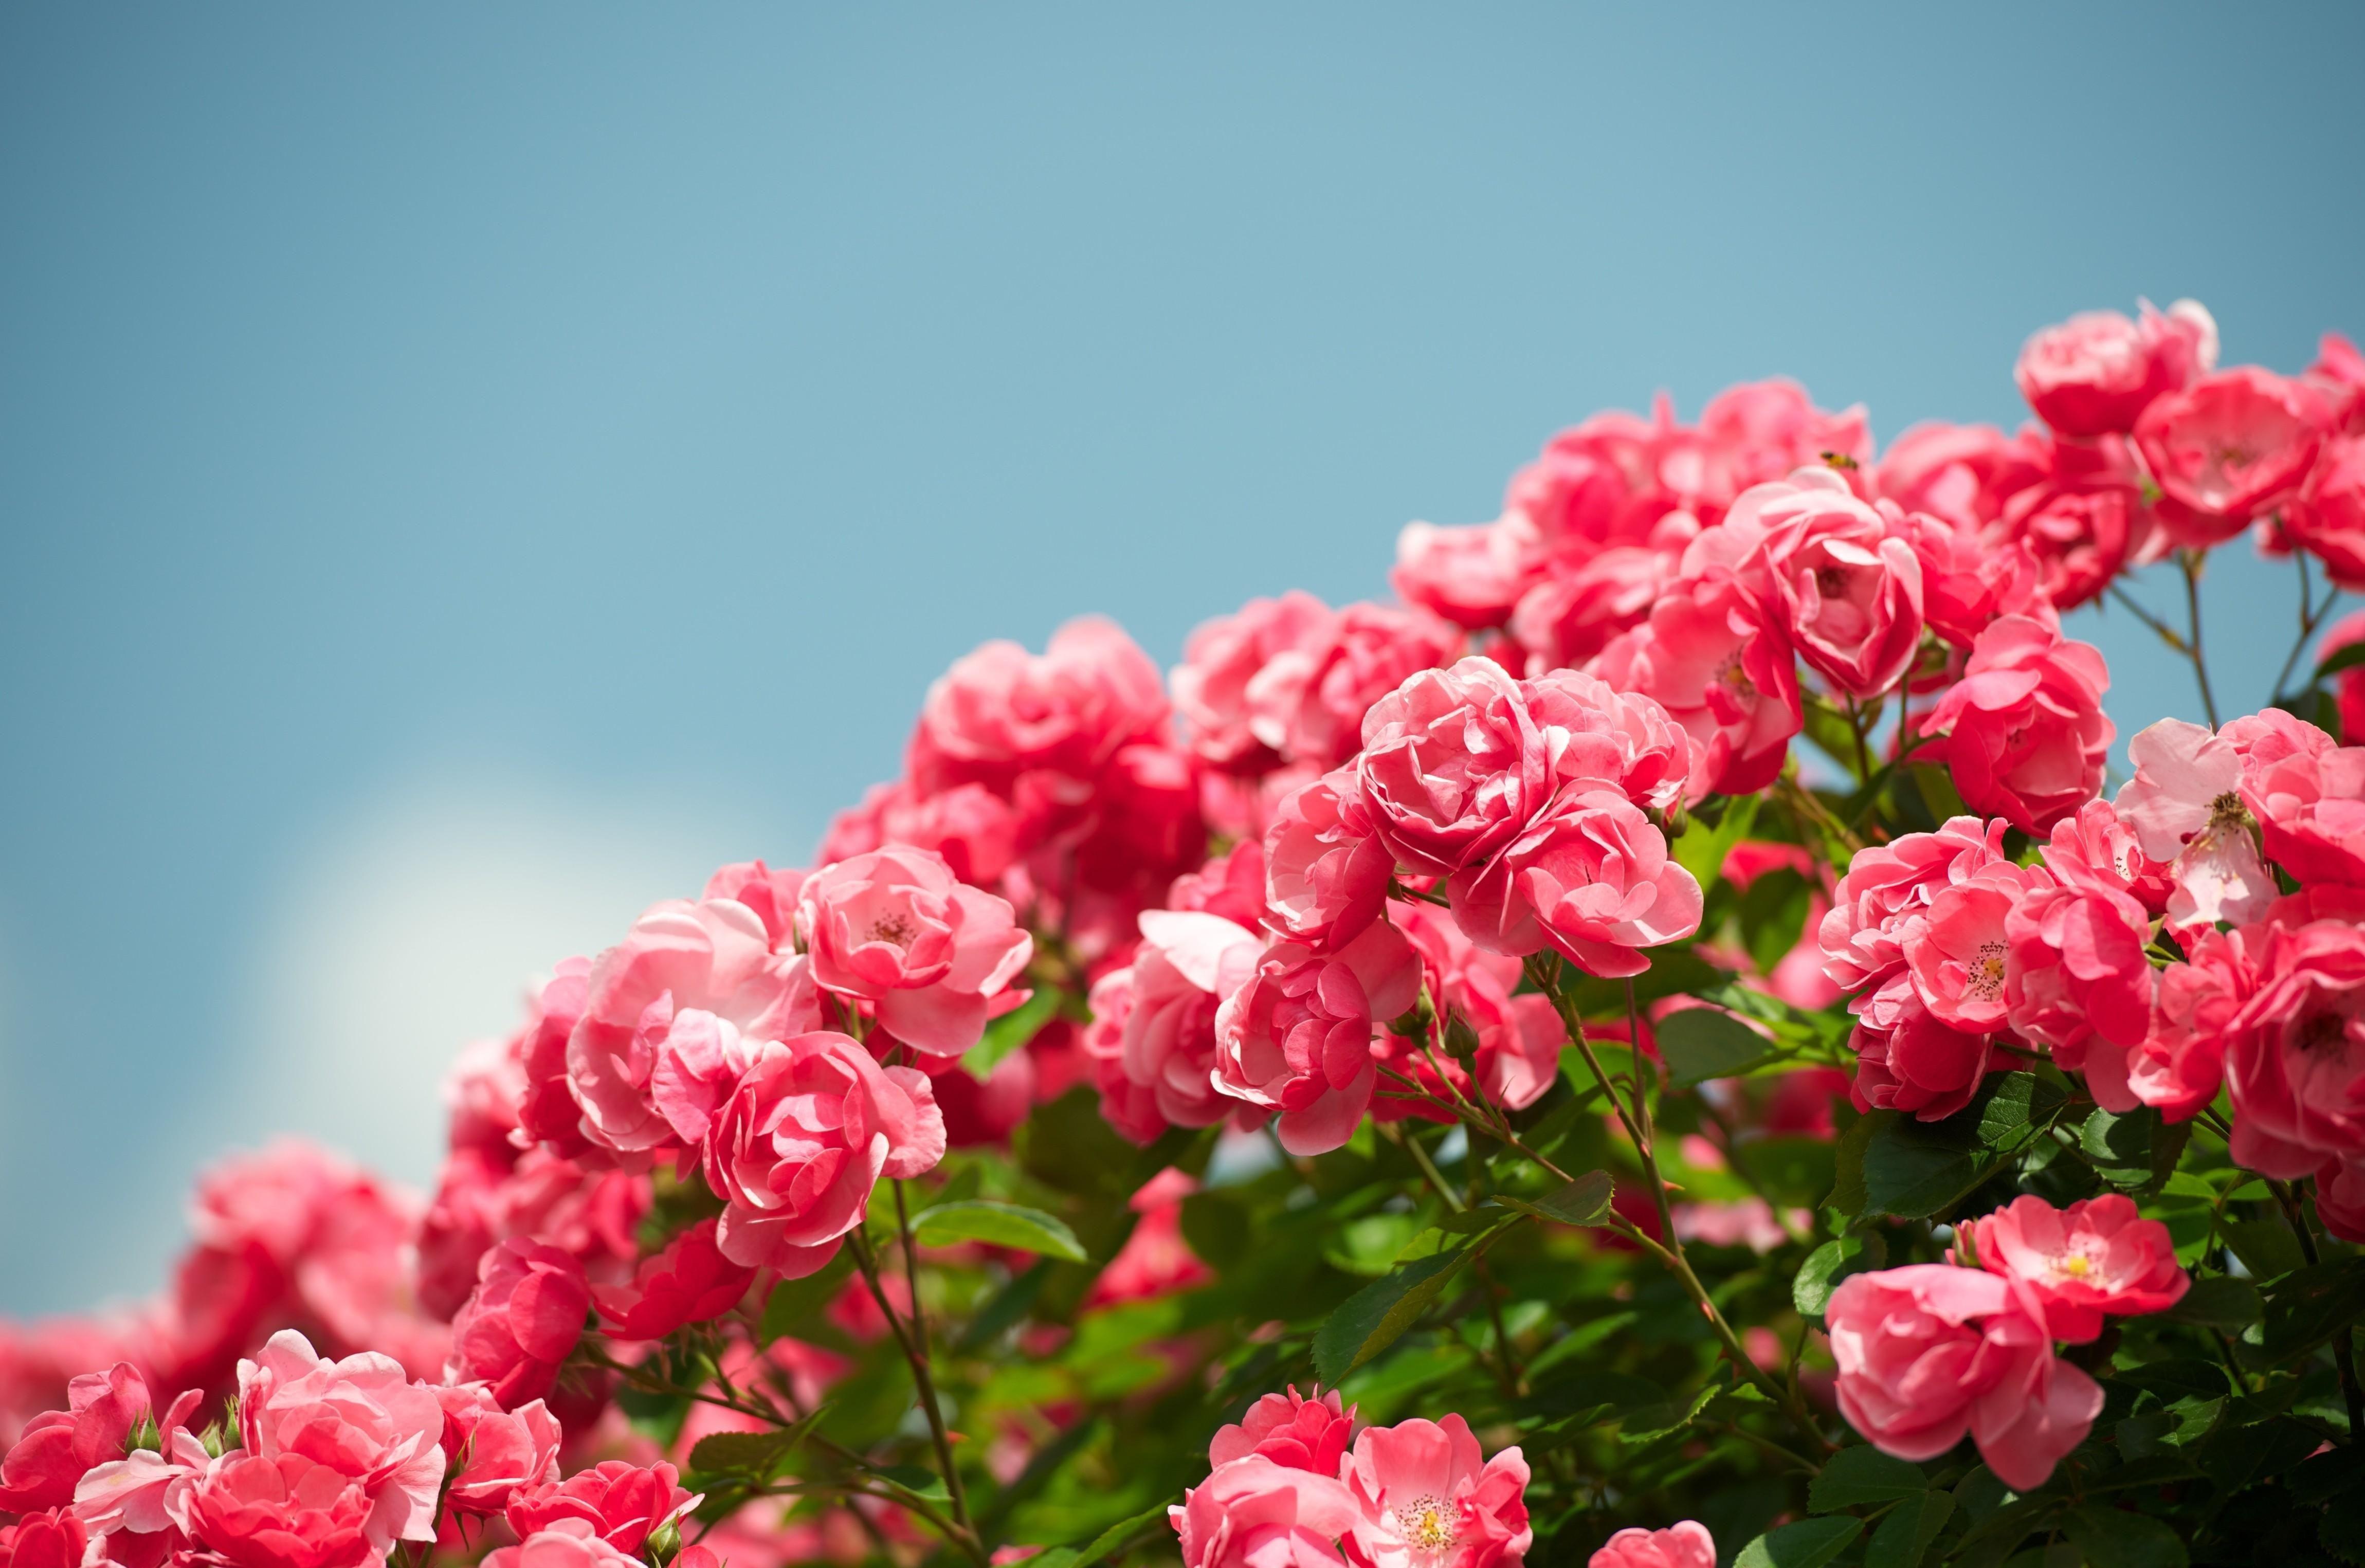 Картинка: Цветы, розы, кустарник, небо